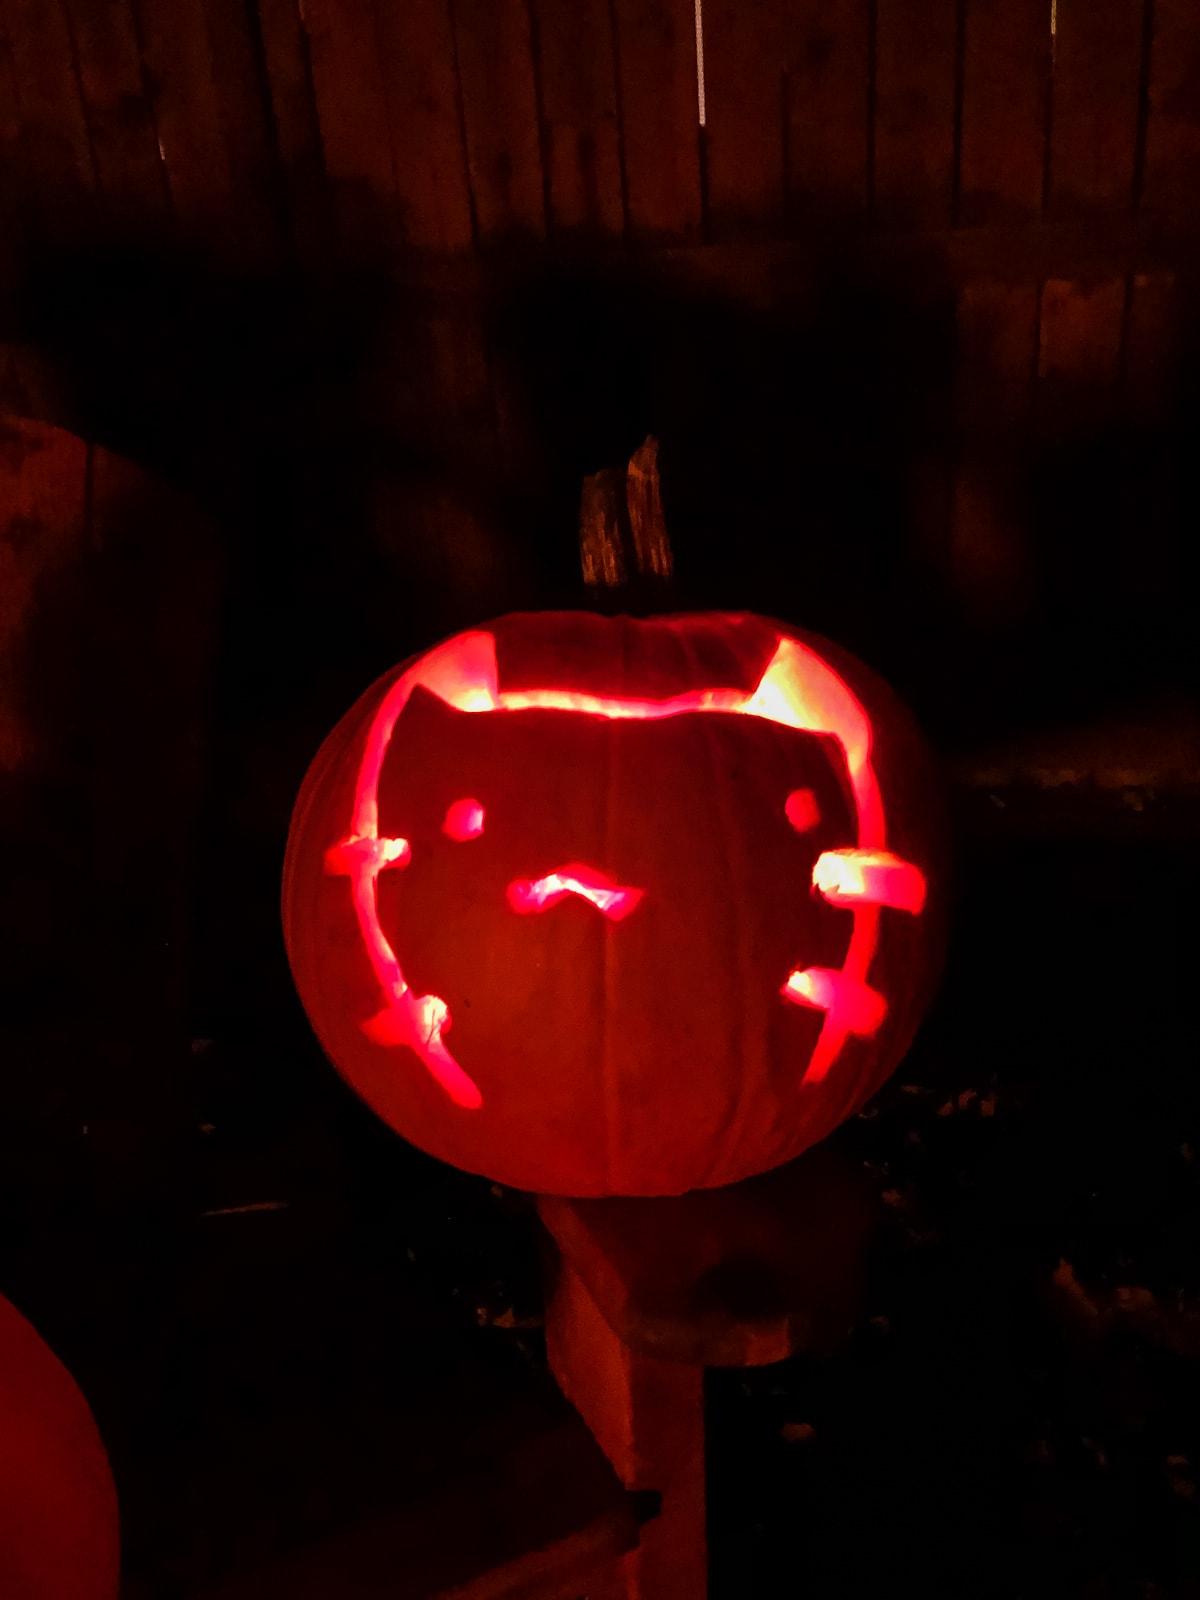 an orange pumpkin has a Pusheen cat carved into it. it is lit up orange in a dark black night